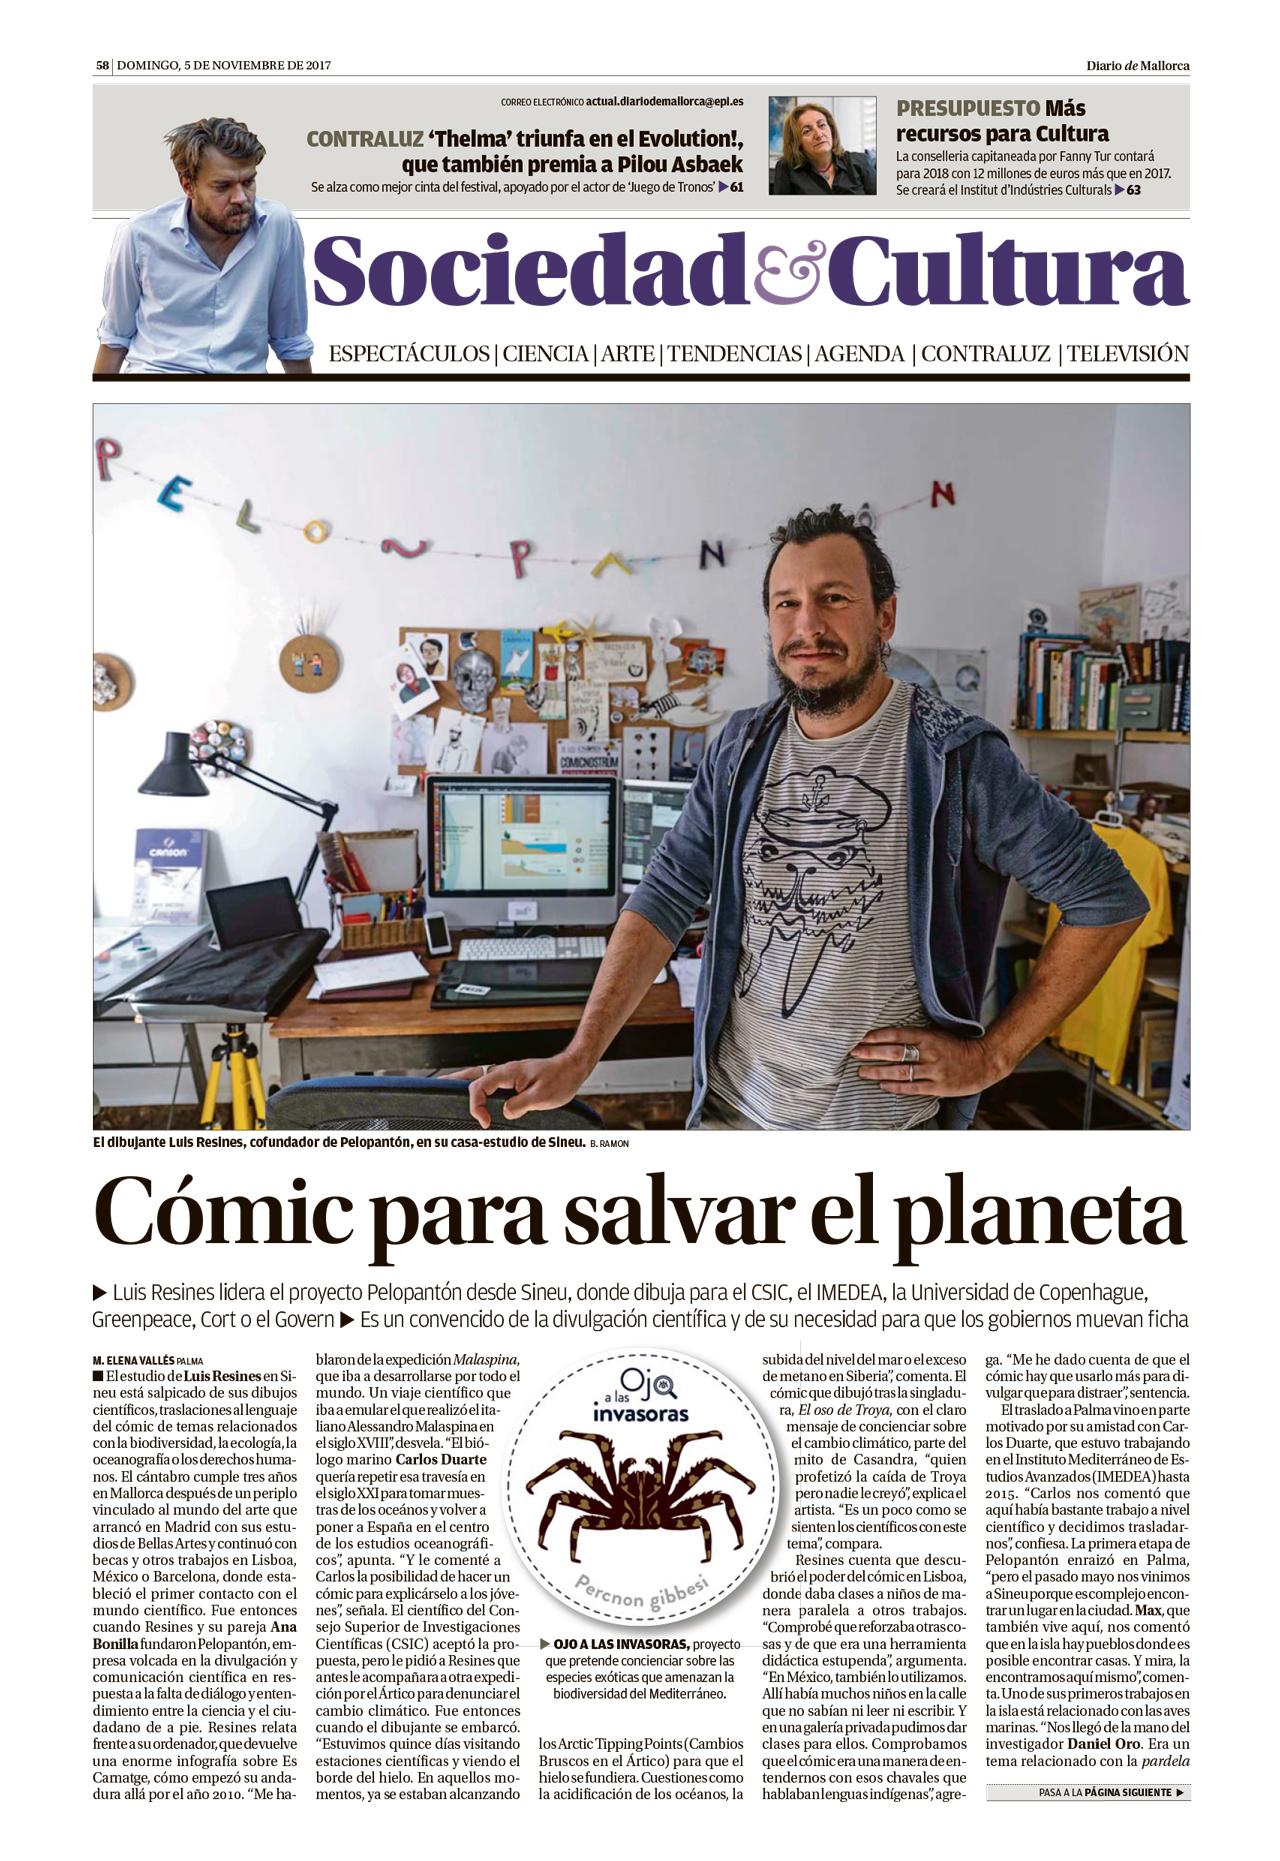 diariodemallorca_pelopanton